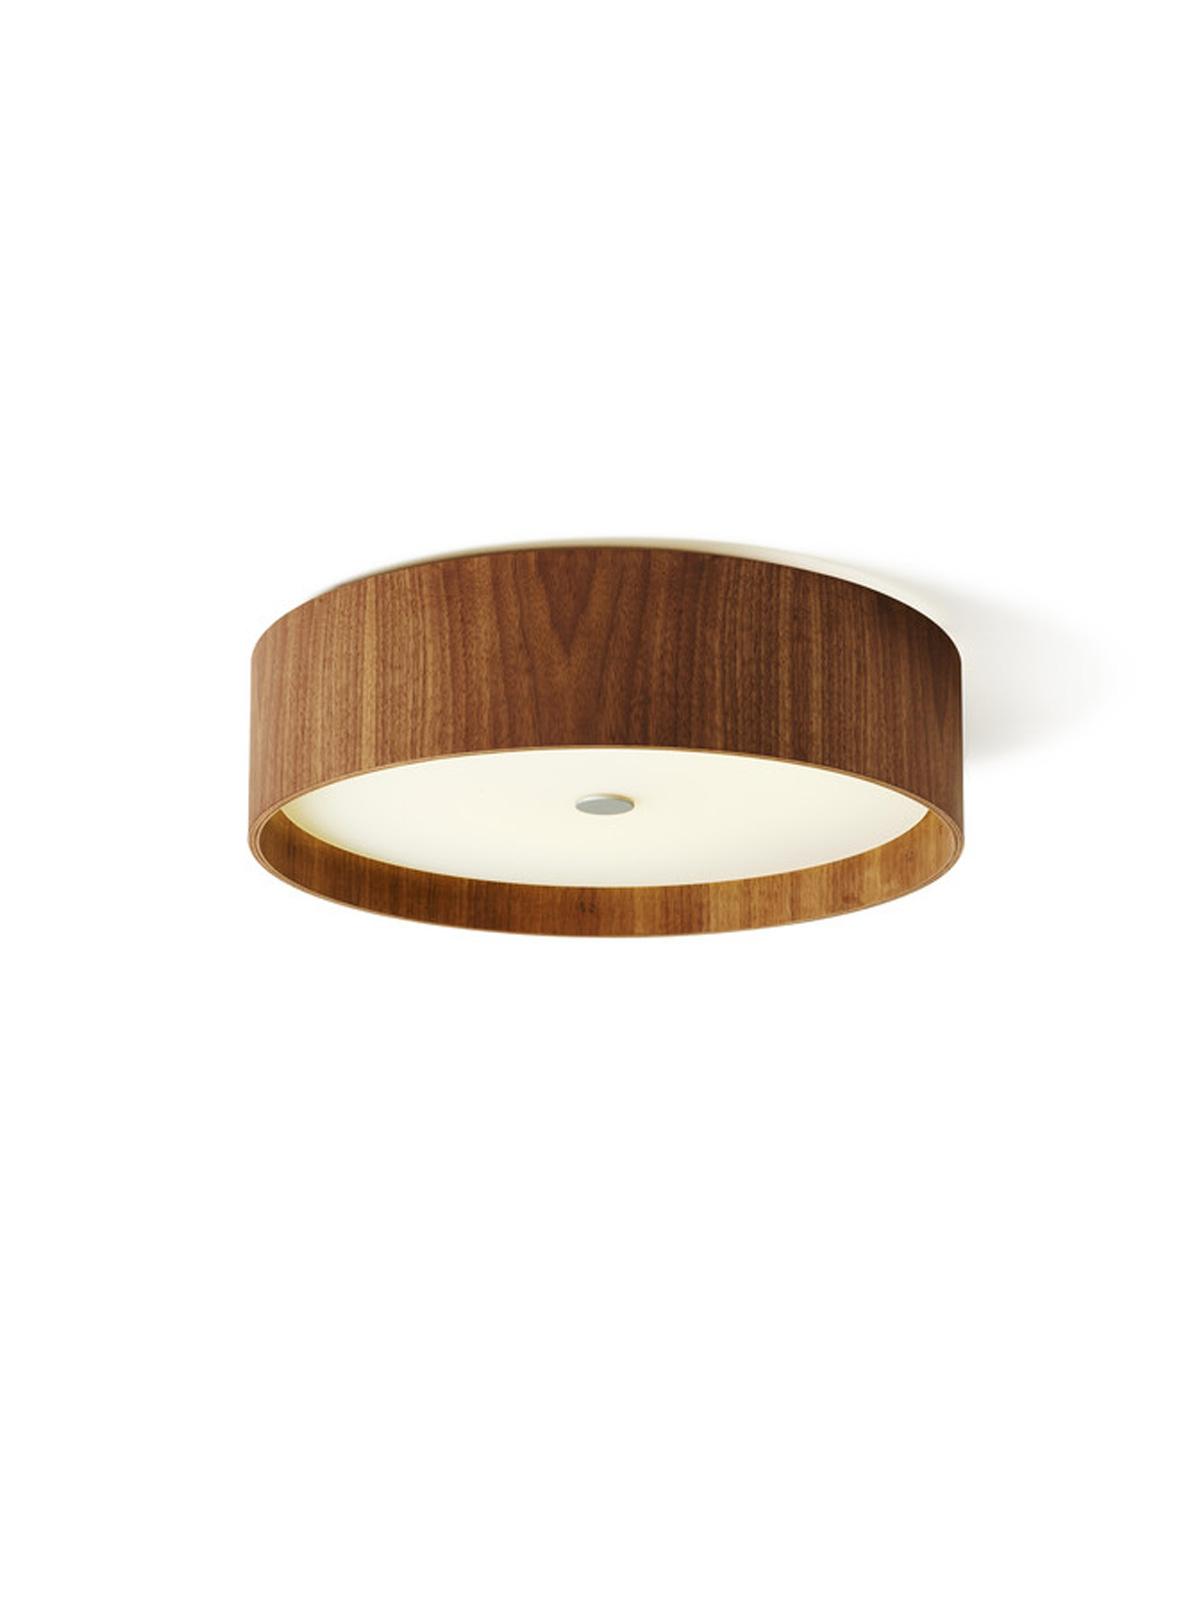 Lara Wood Deckenleuchte Domus Licht Lampe DesignOrt Onlineshop Berlin